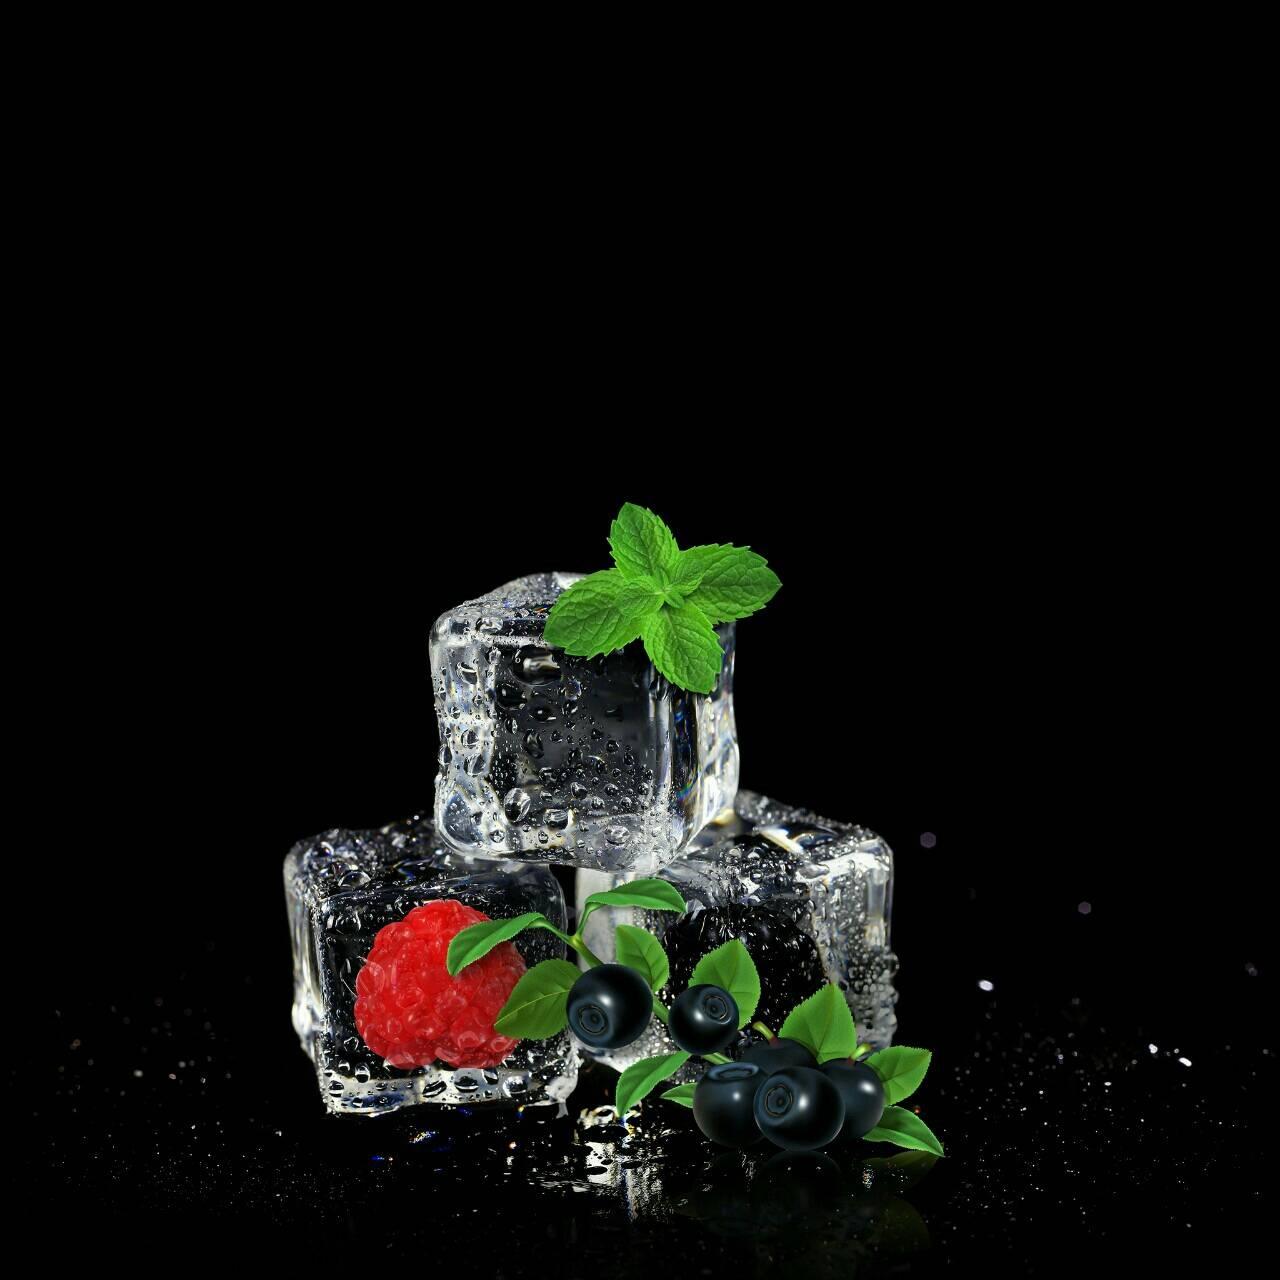 ICE STRAWBERRY